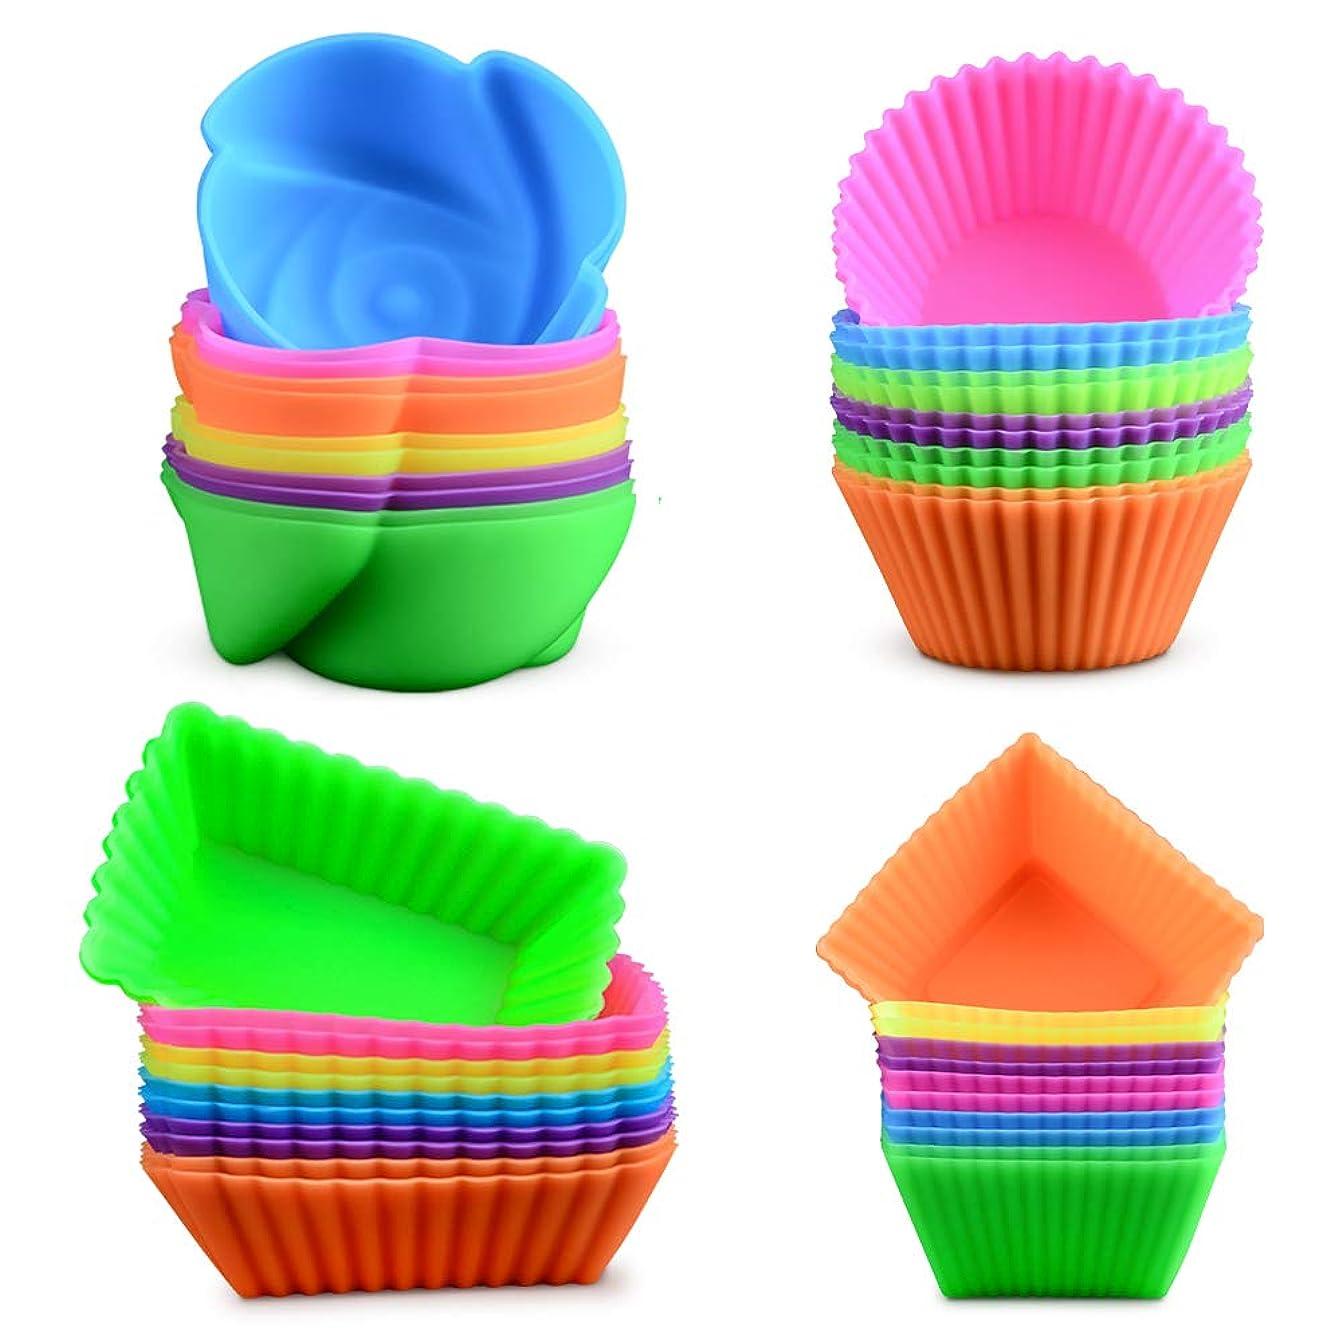 マーカーバン喜劇シリコン製ベーキングカップ カップケーキライナー 再利用可能なシリコン型 48個入り 円形、長方形、正方形、花、BPAフリーの食品グレードシリコン製